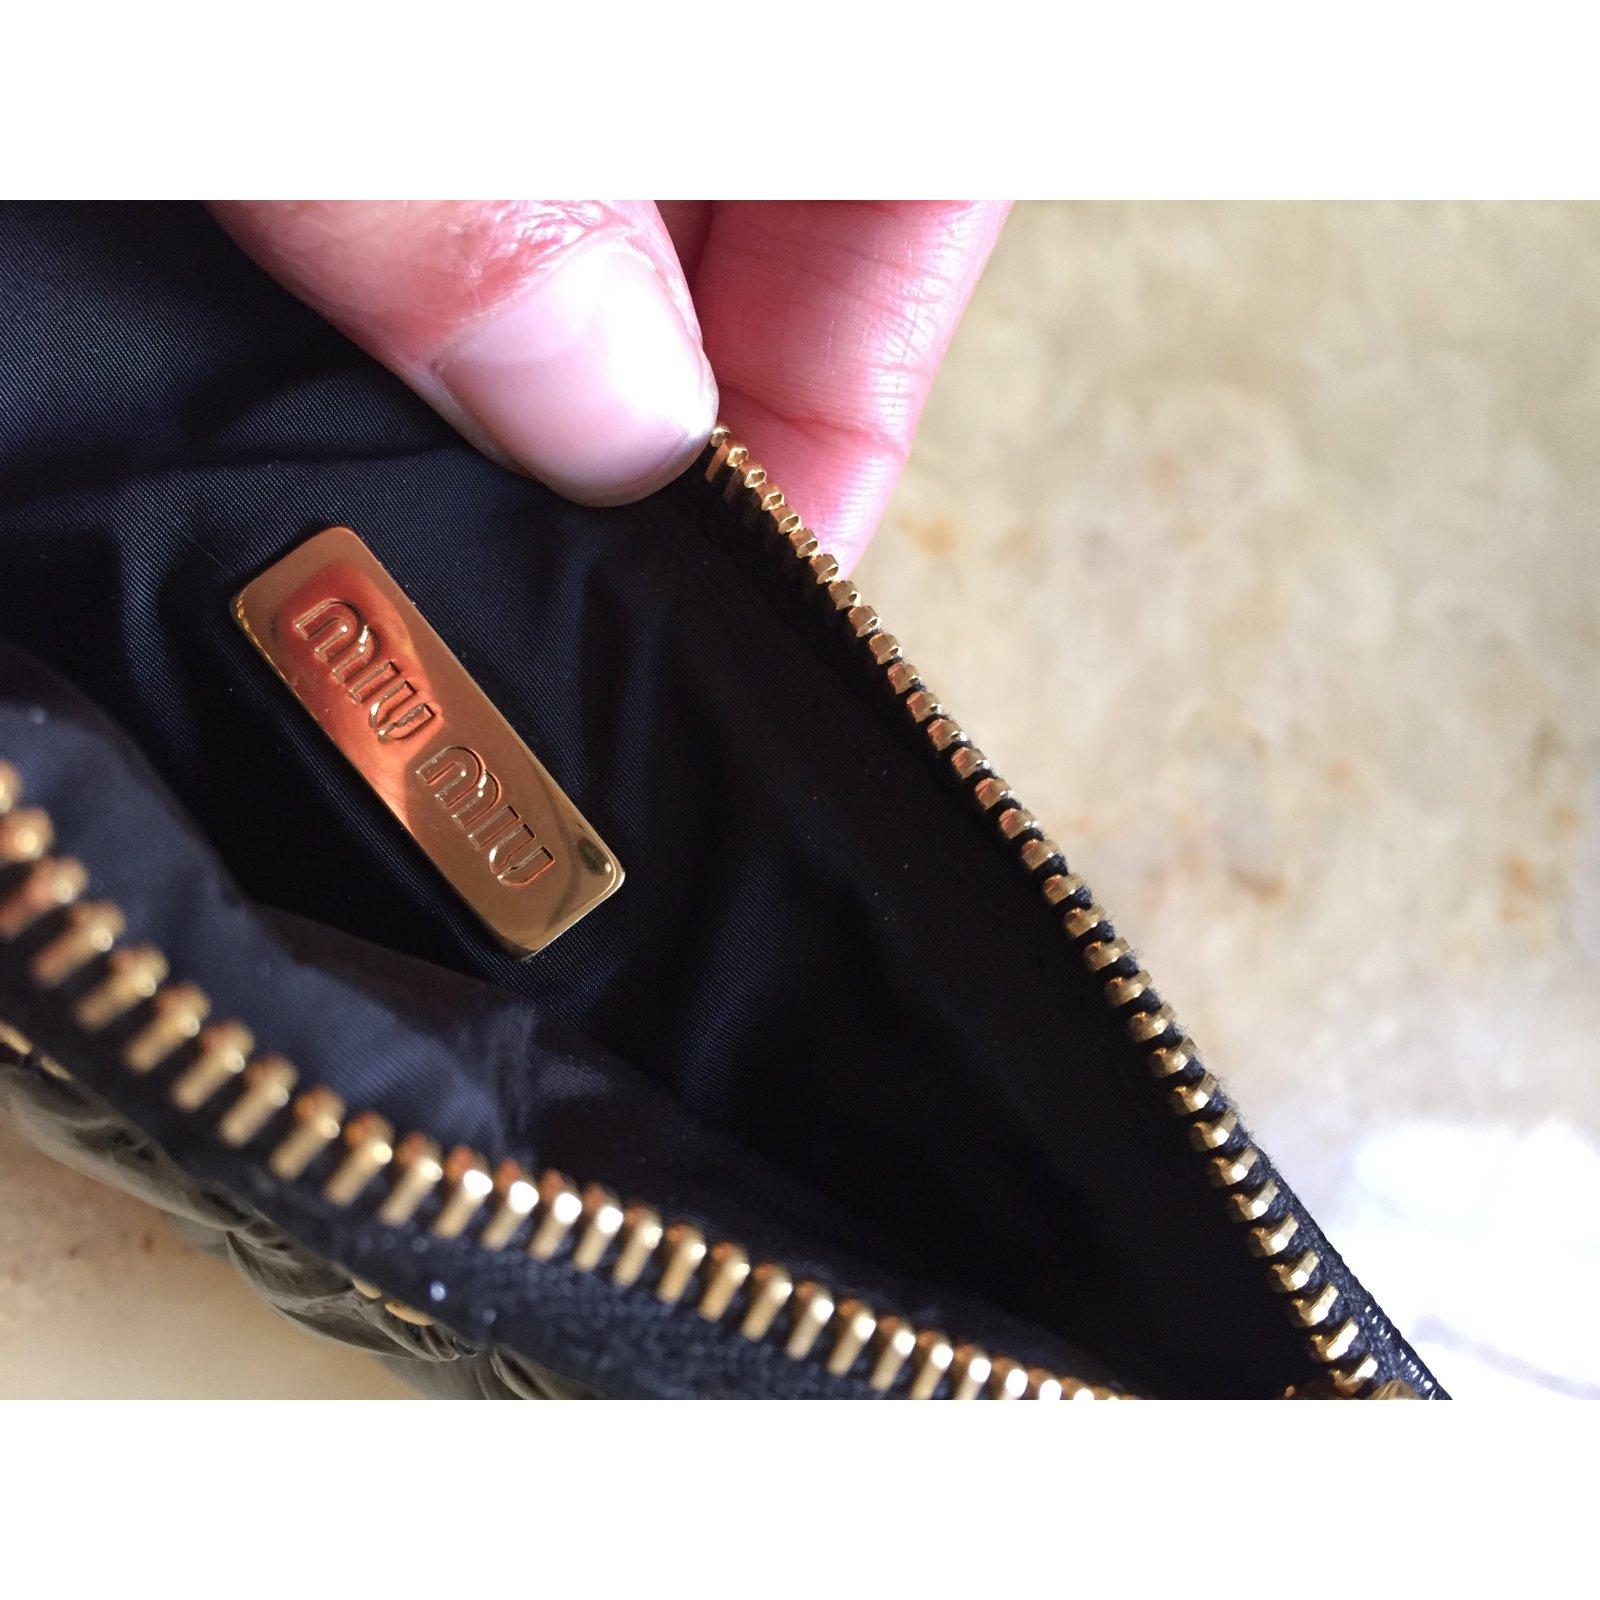 c7eee39fa493 Miu Miu Clutch bag Clutch bags Patent leather Black ref.27820 - Joli Closet